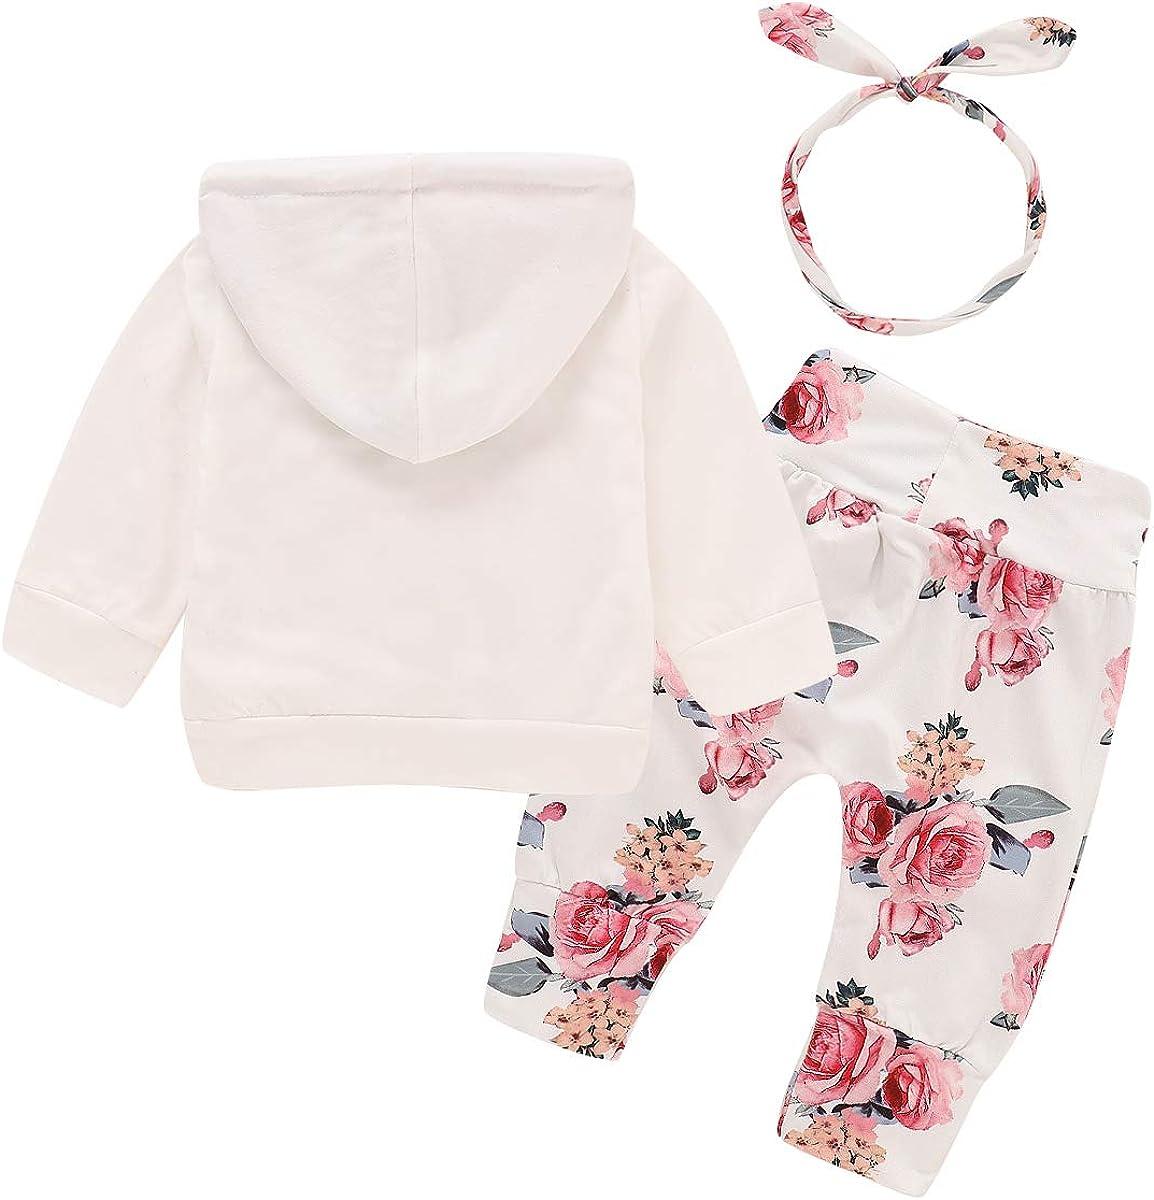 Pantalones Diadema para ni/ñas reci/én Nacidos greatmtx Ropa Beb/é ni/ña Floral Sudadera con Capucha Tops